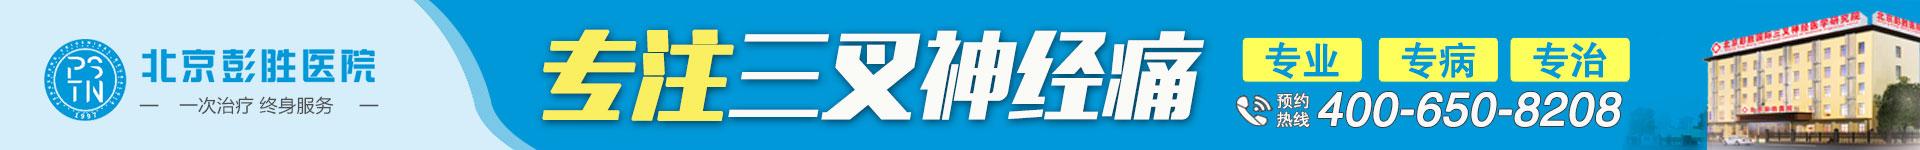 北京三叉神经痛医院